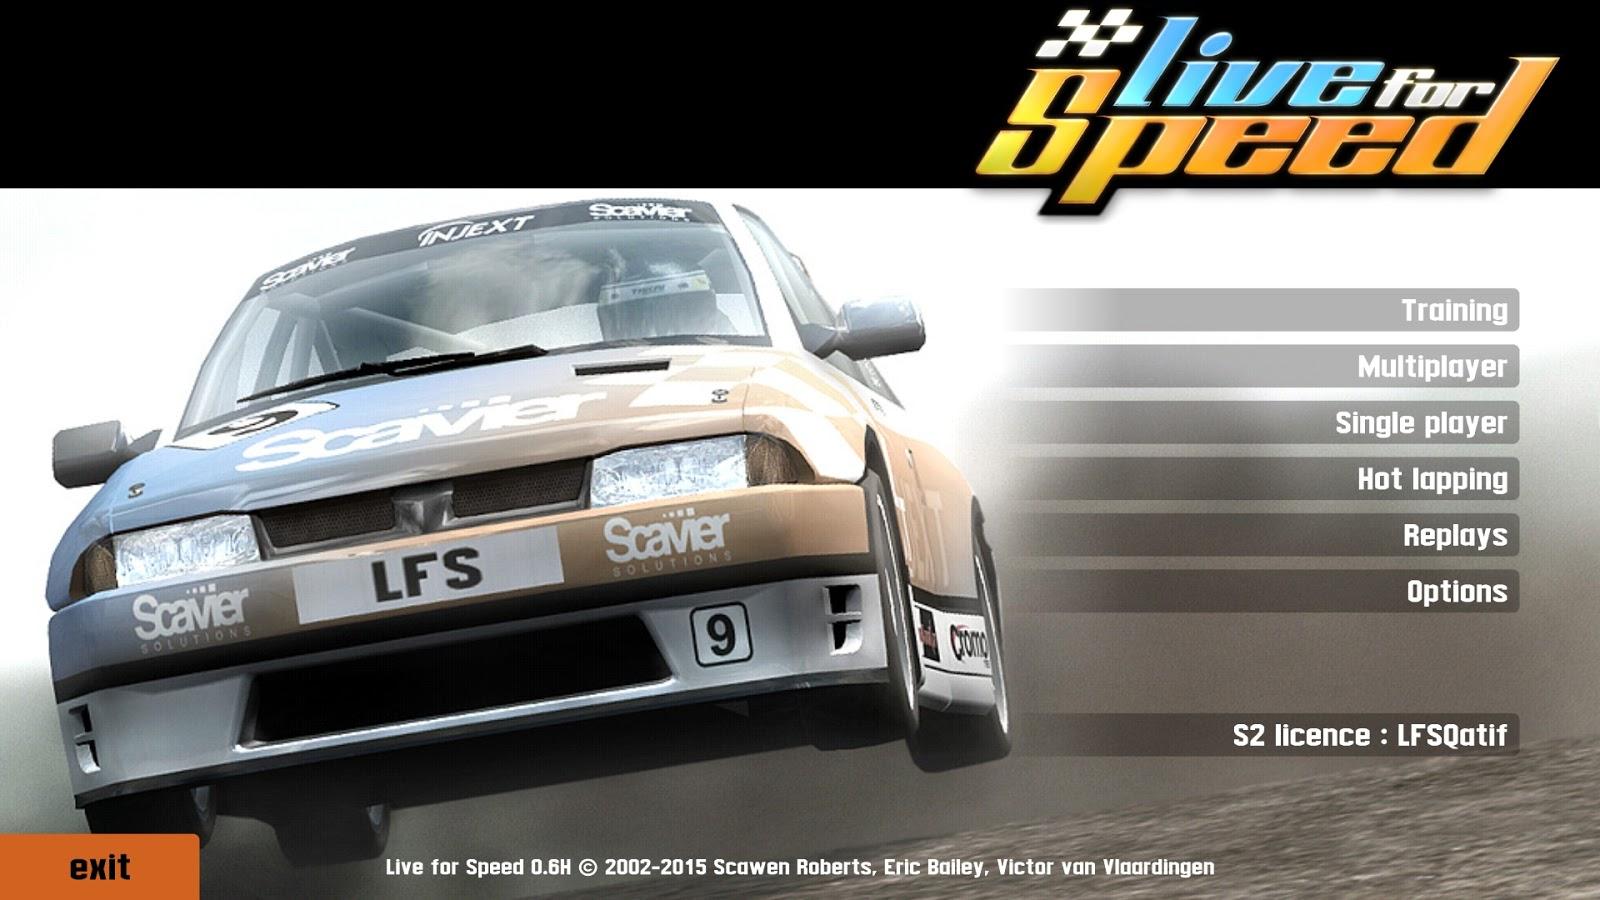 Live For Speed 0.6H Unlocker